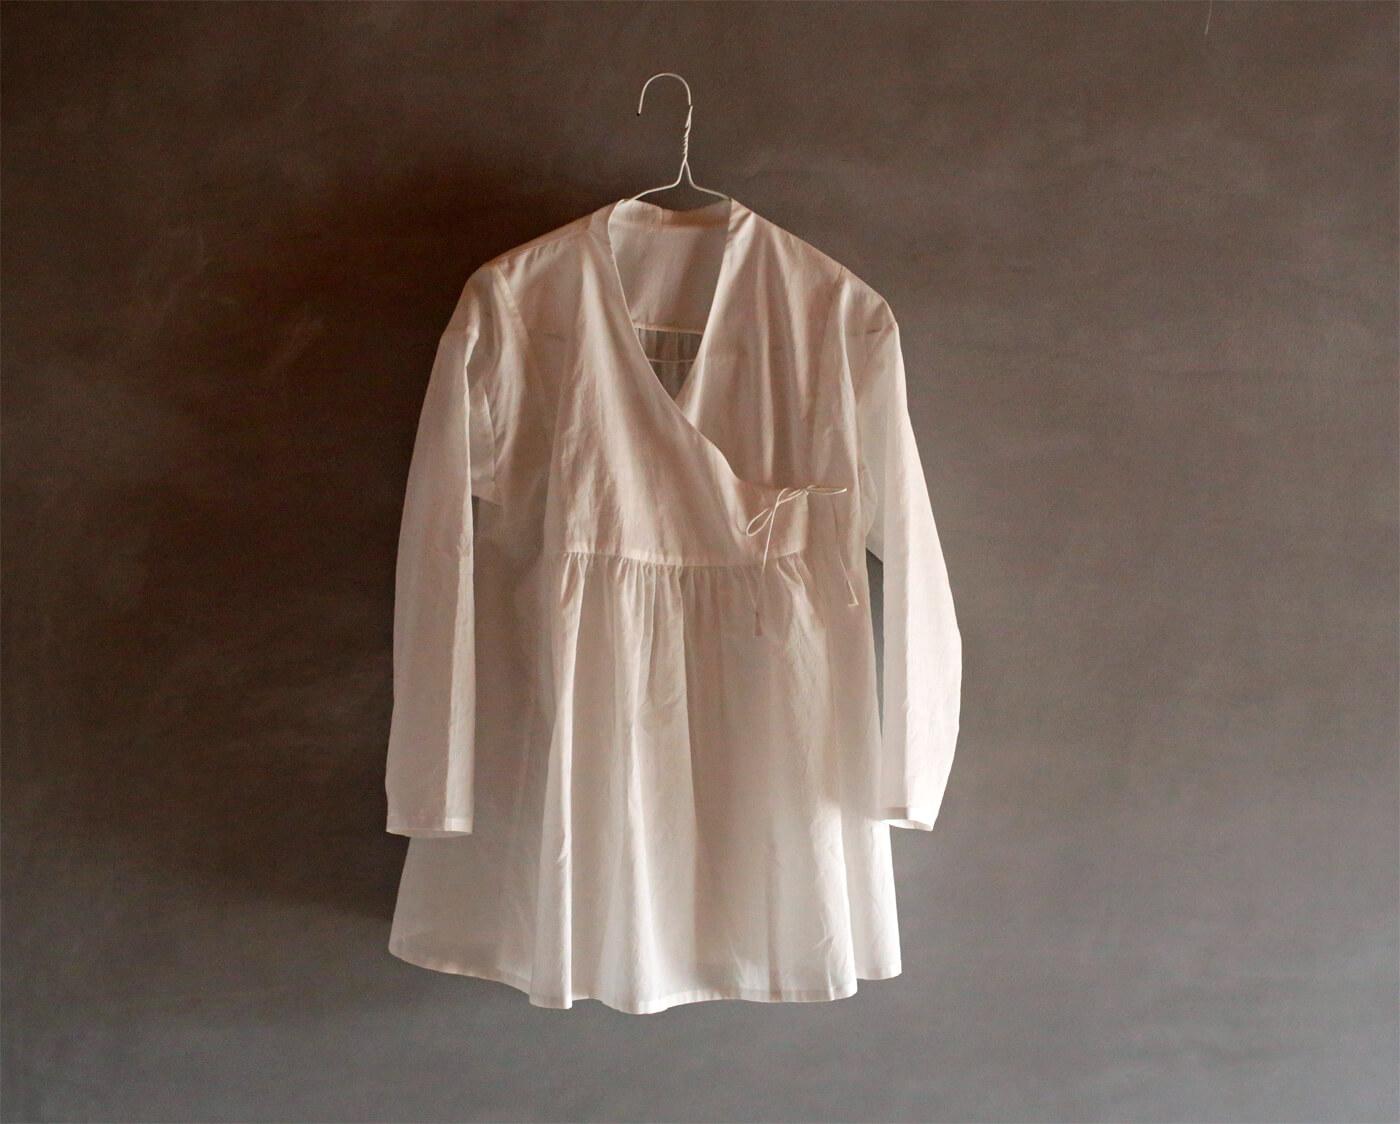 カシュクールシャツのアイキャッチ画像